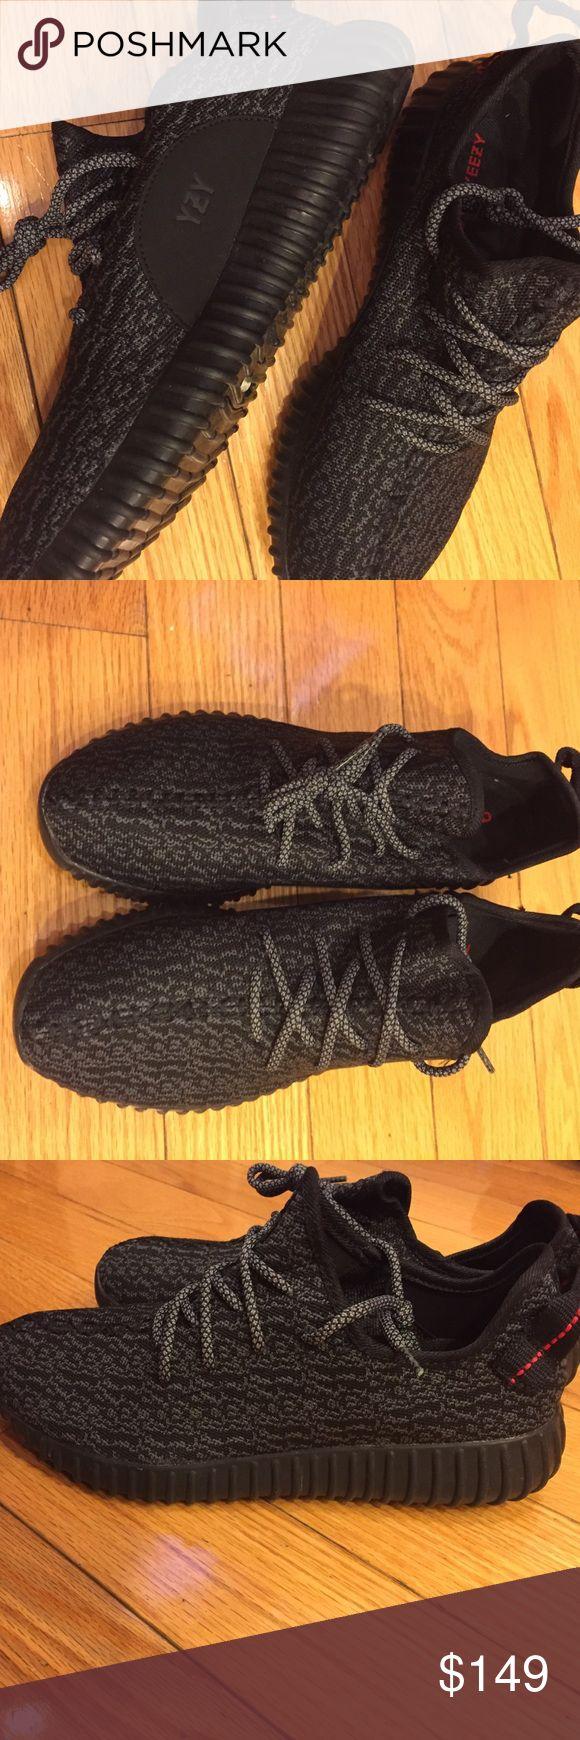 adidas yeezy 350 boost size 11.5 adidas jacket large